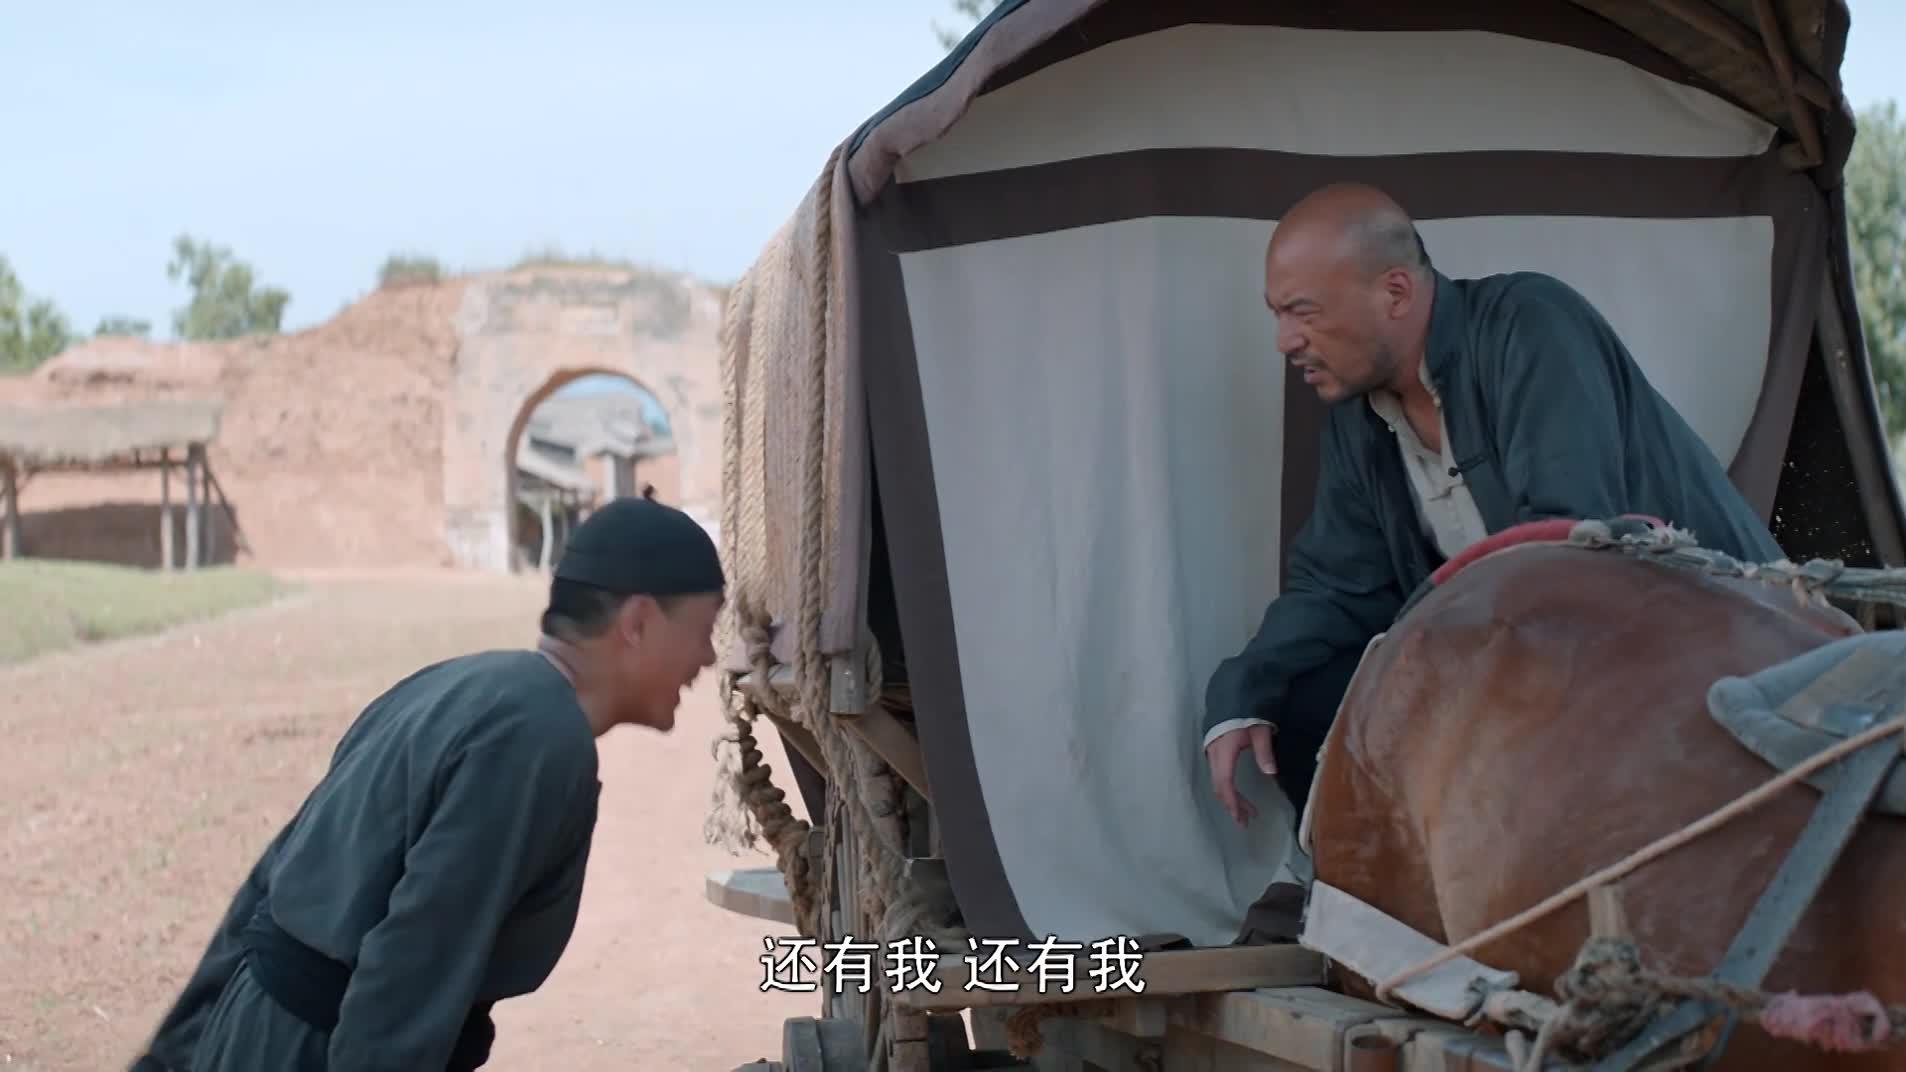 有人来接族长,男子以为是好事也要上马车,结果被绑架了